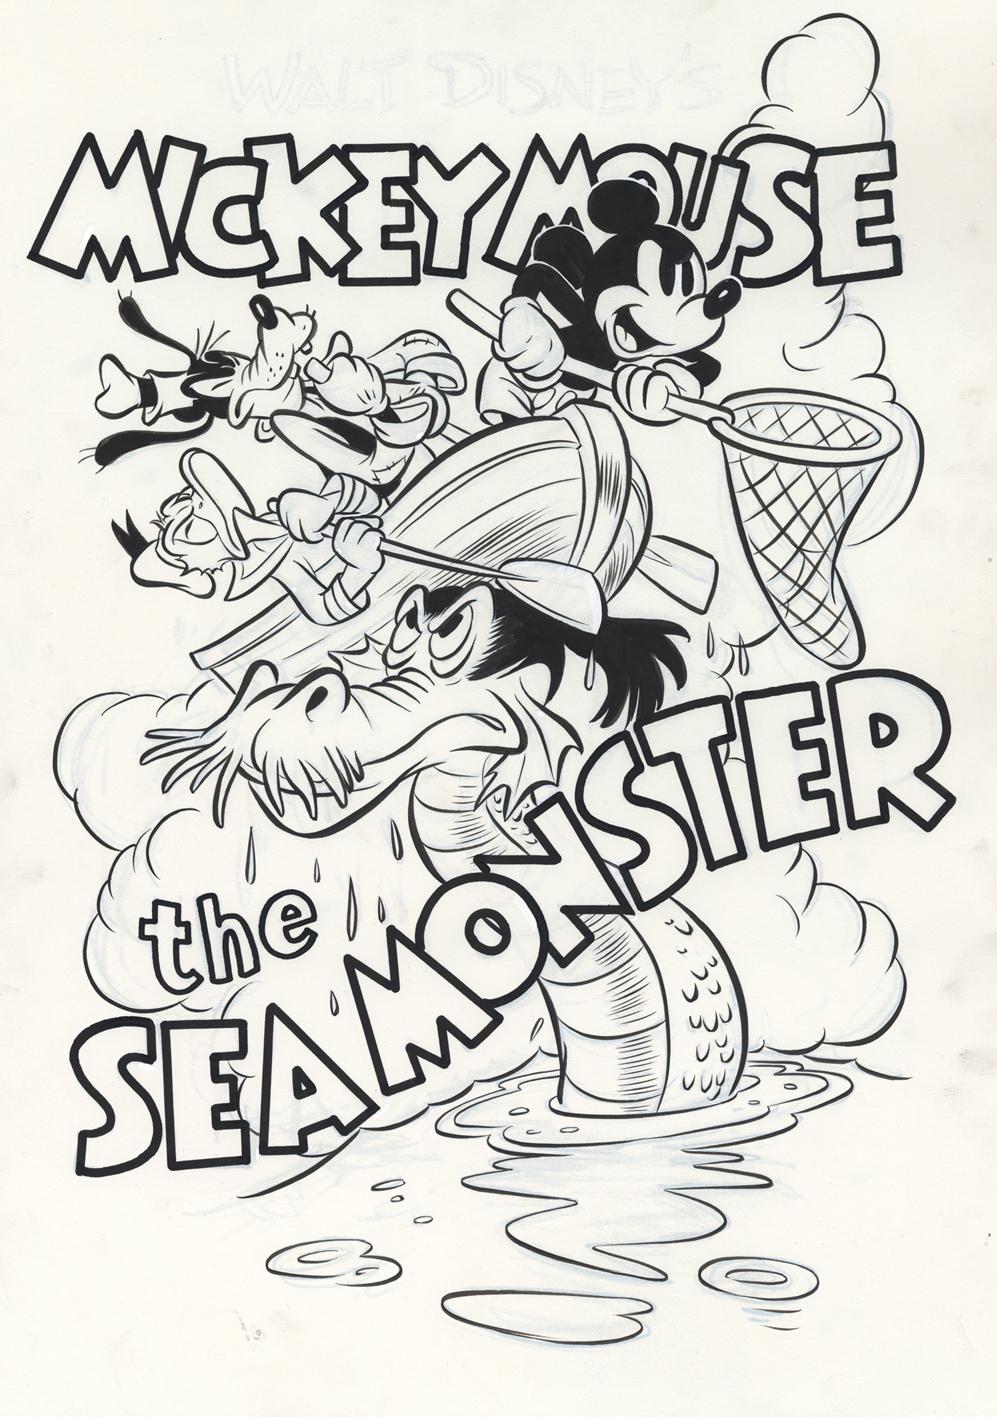 5-seamonster-schroeder-ink